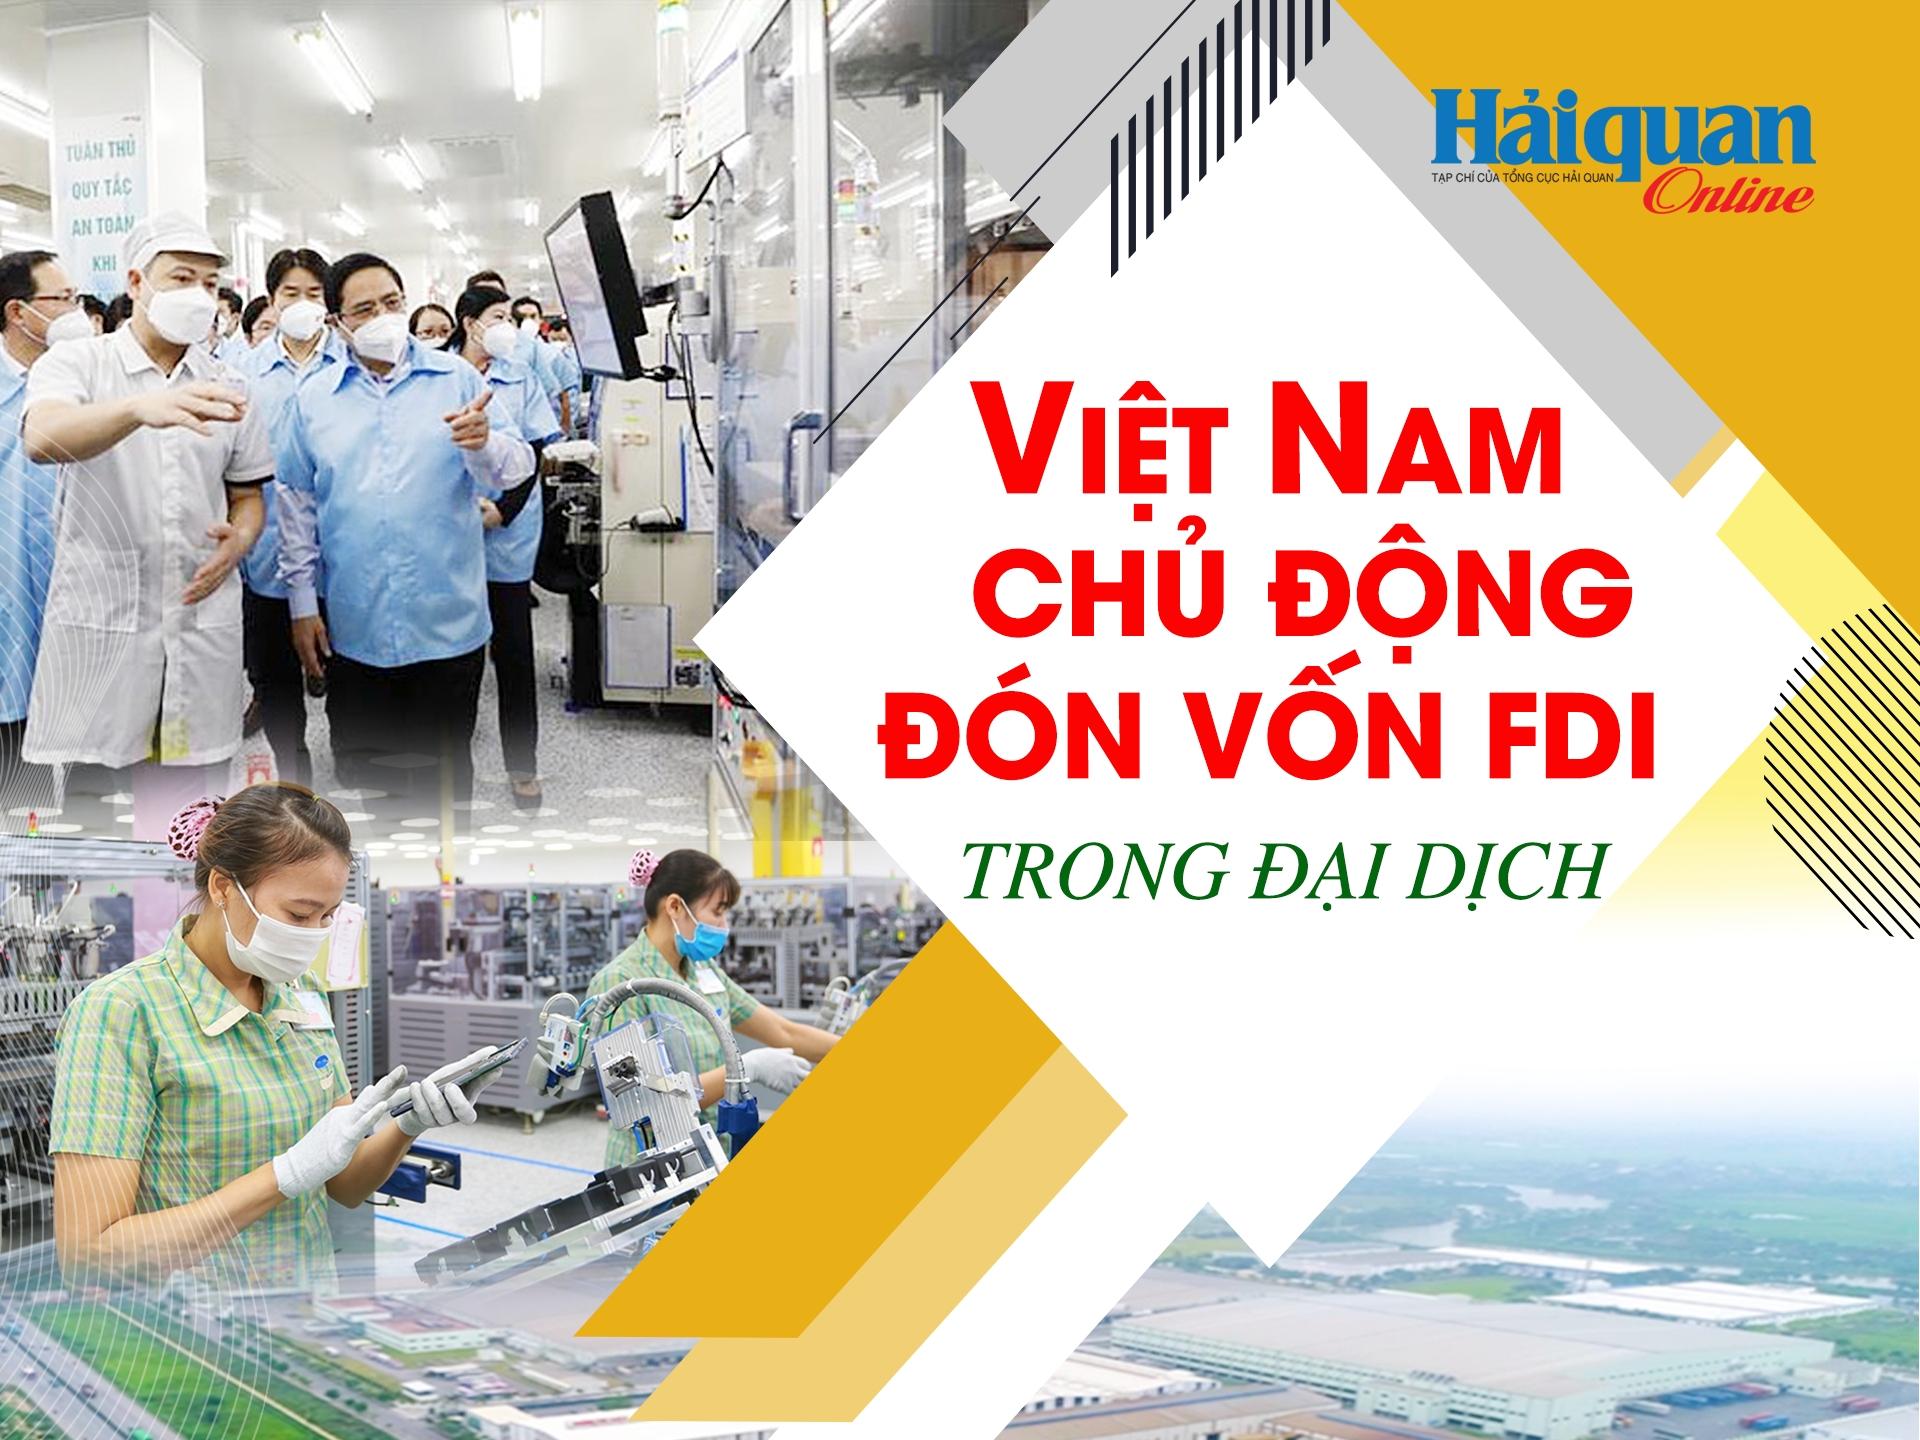 MEGASTORY: Việt Nam chủ động đón vốn FDI trong đại dịch